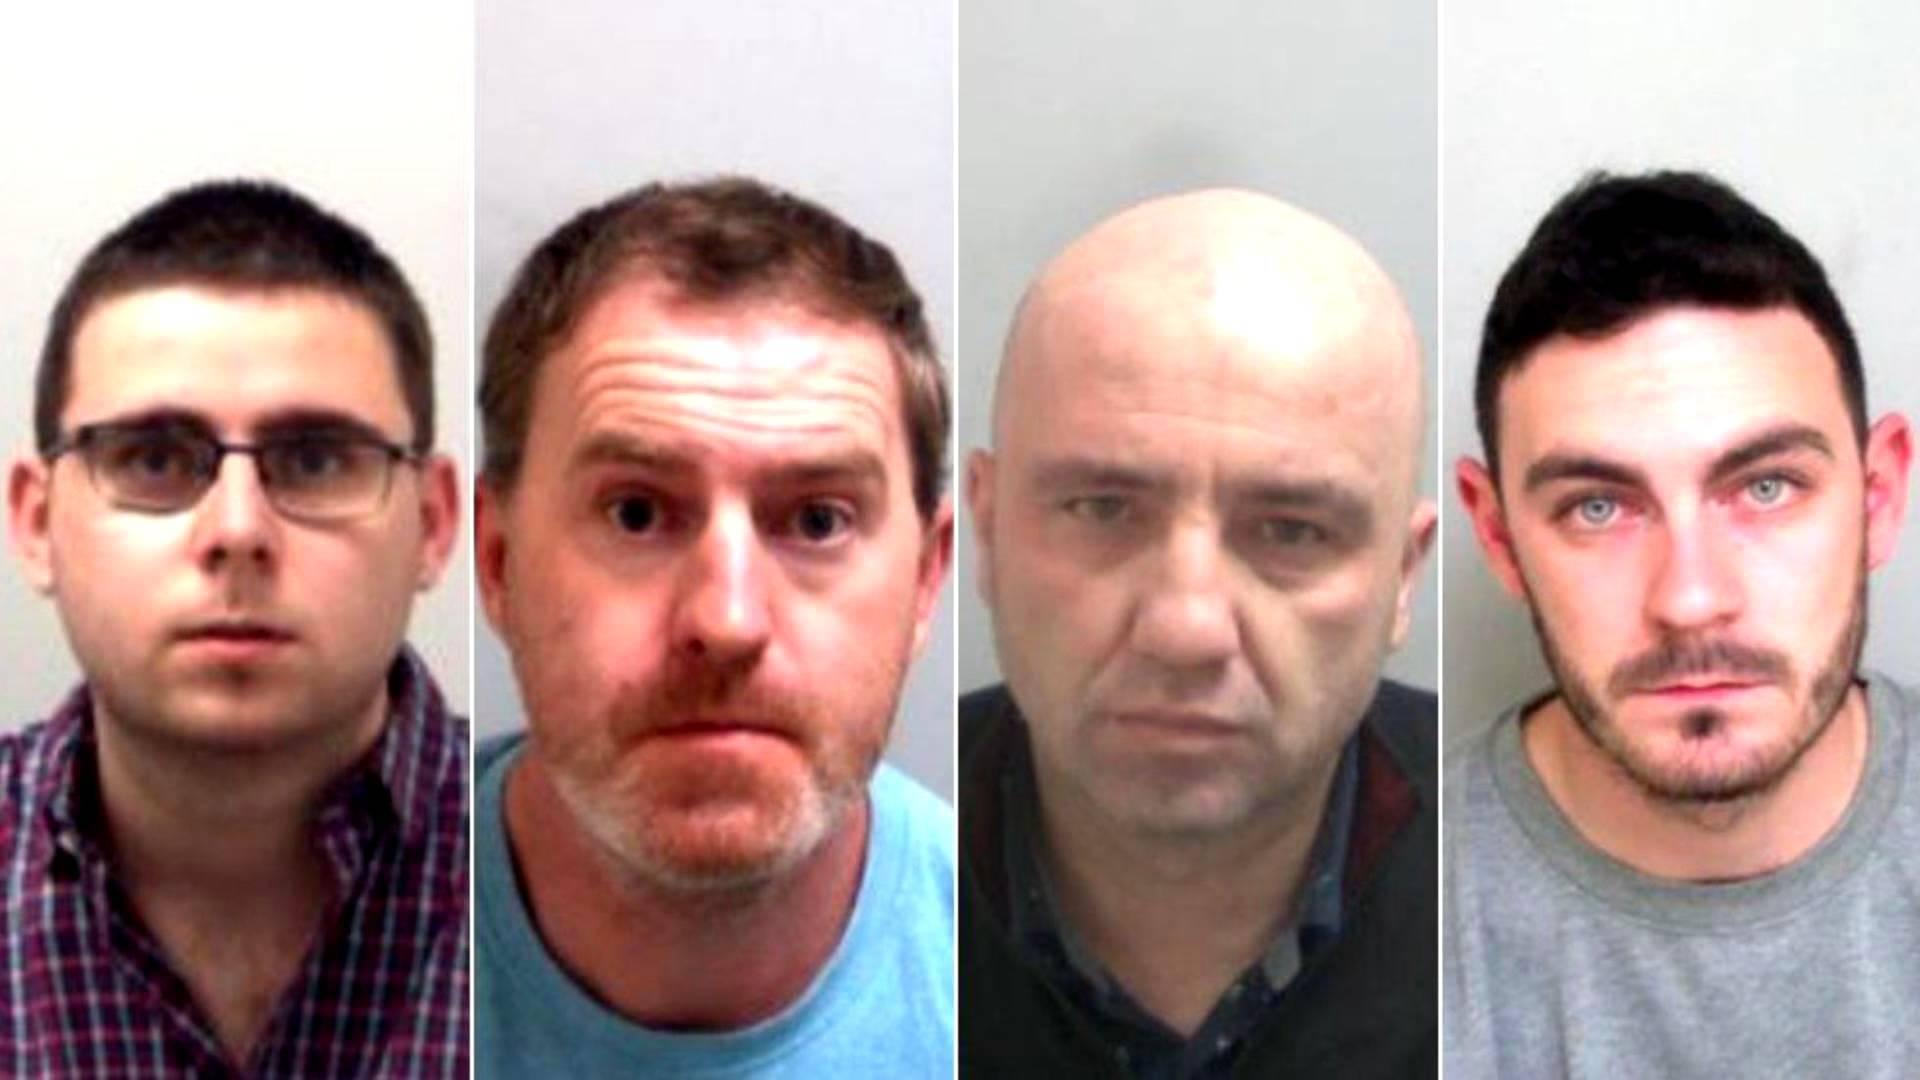 54秒丨最高获刑27年!英国集装箱藏尸案4名共犯被判刑 最大主谋仍在逃